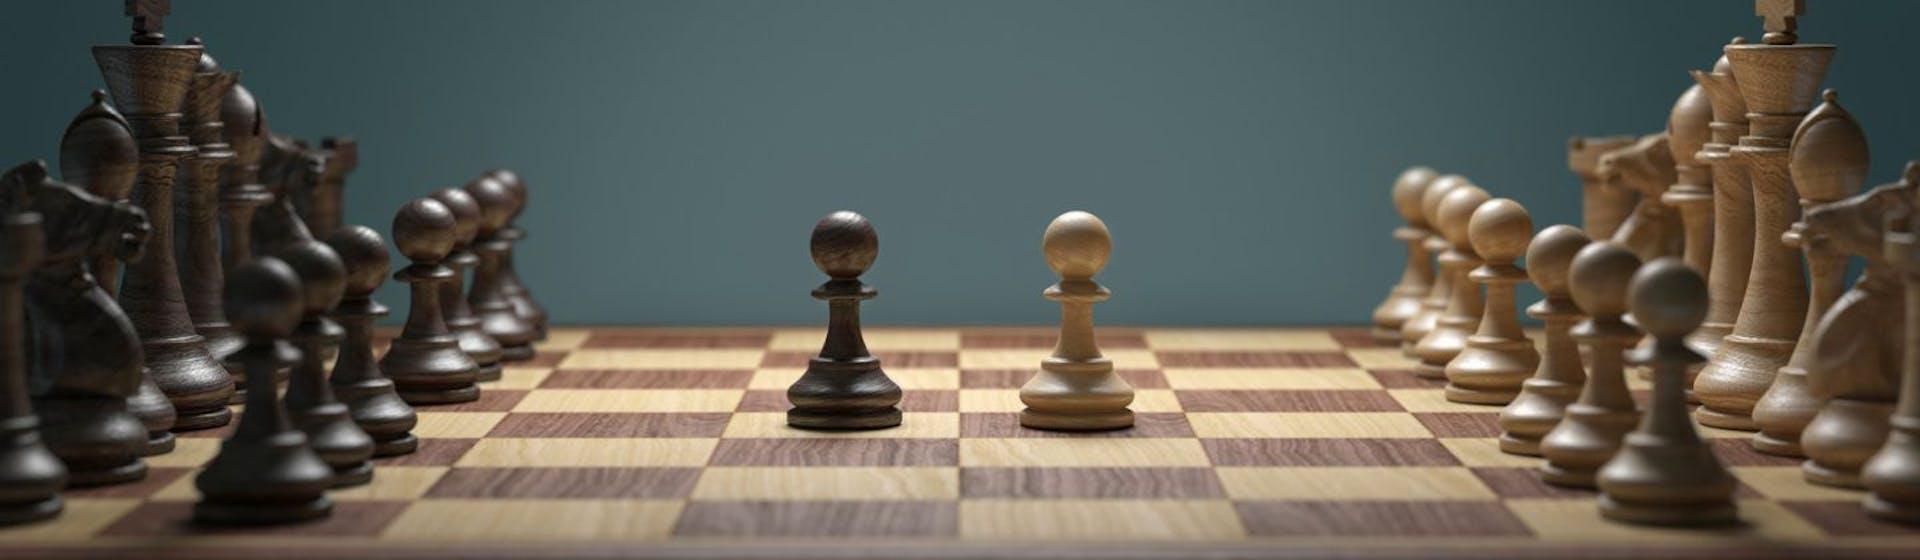 ¿Cuál es la importancia del peón en el ajedrez? Conoce la pieza de potencial oculto